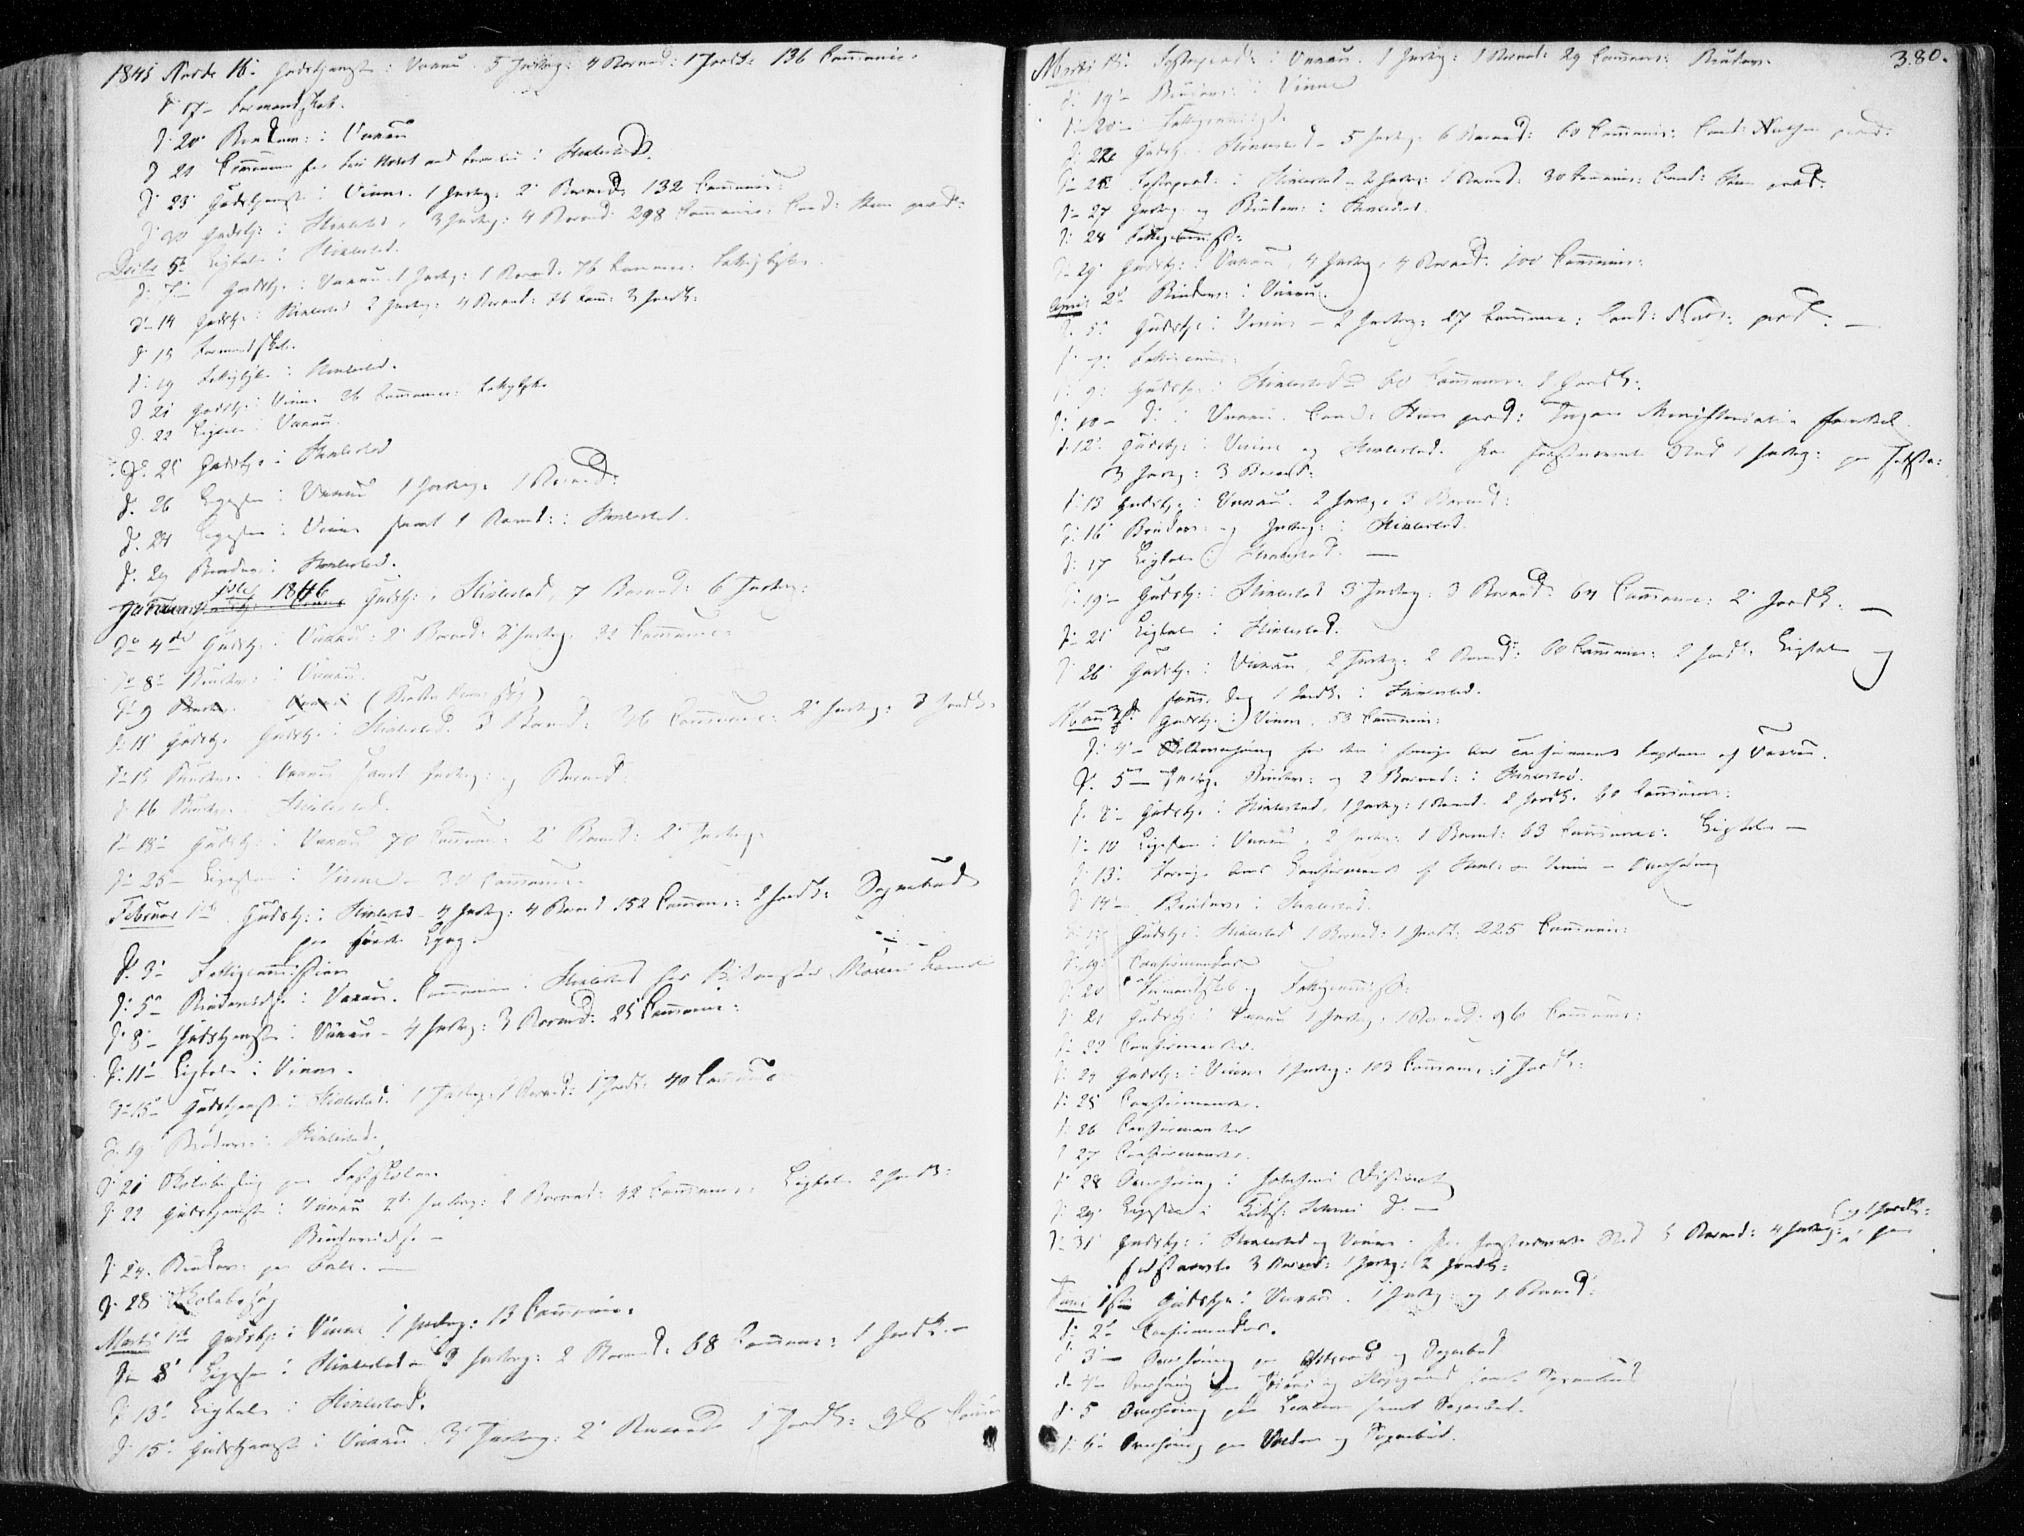 SAT, Ministerialprotokoller, klokkerbøker og fødselsregistre - Nord-Trøndelag, 723/L0239: Ministerialbok nr. 723A08, 1841-1851, s. 380